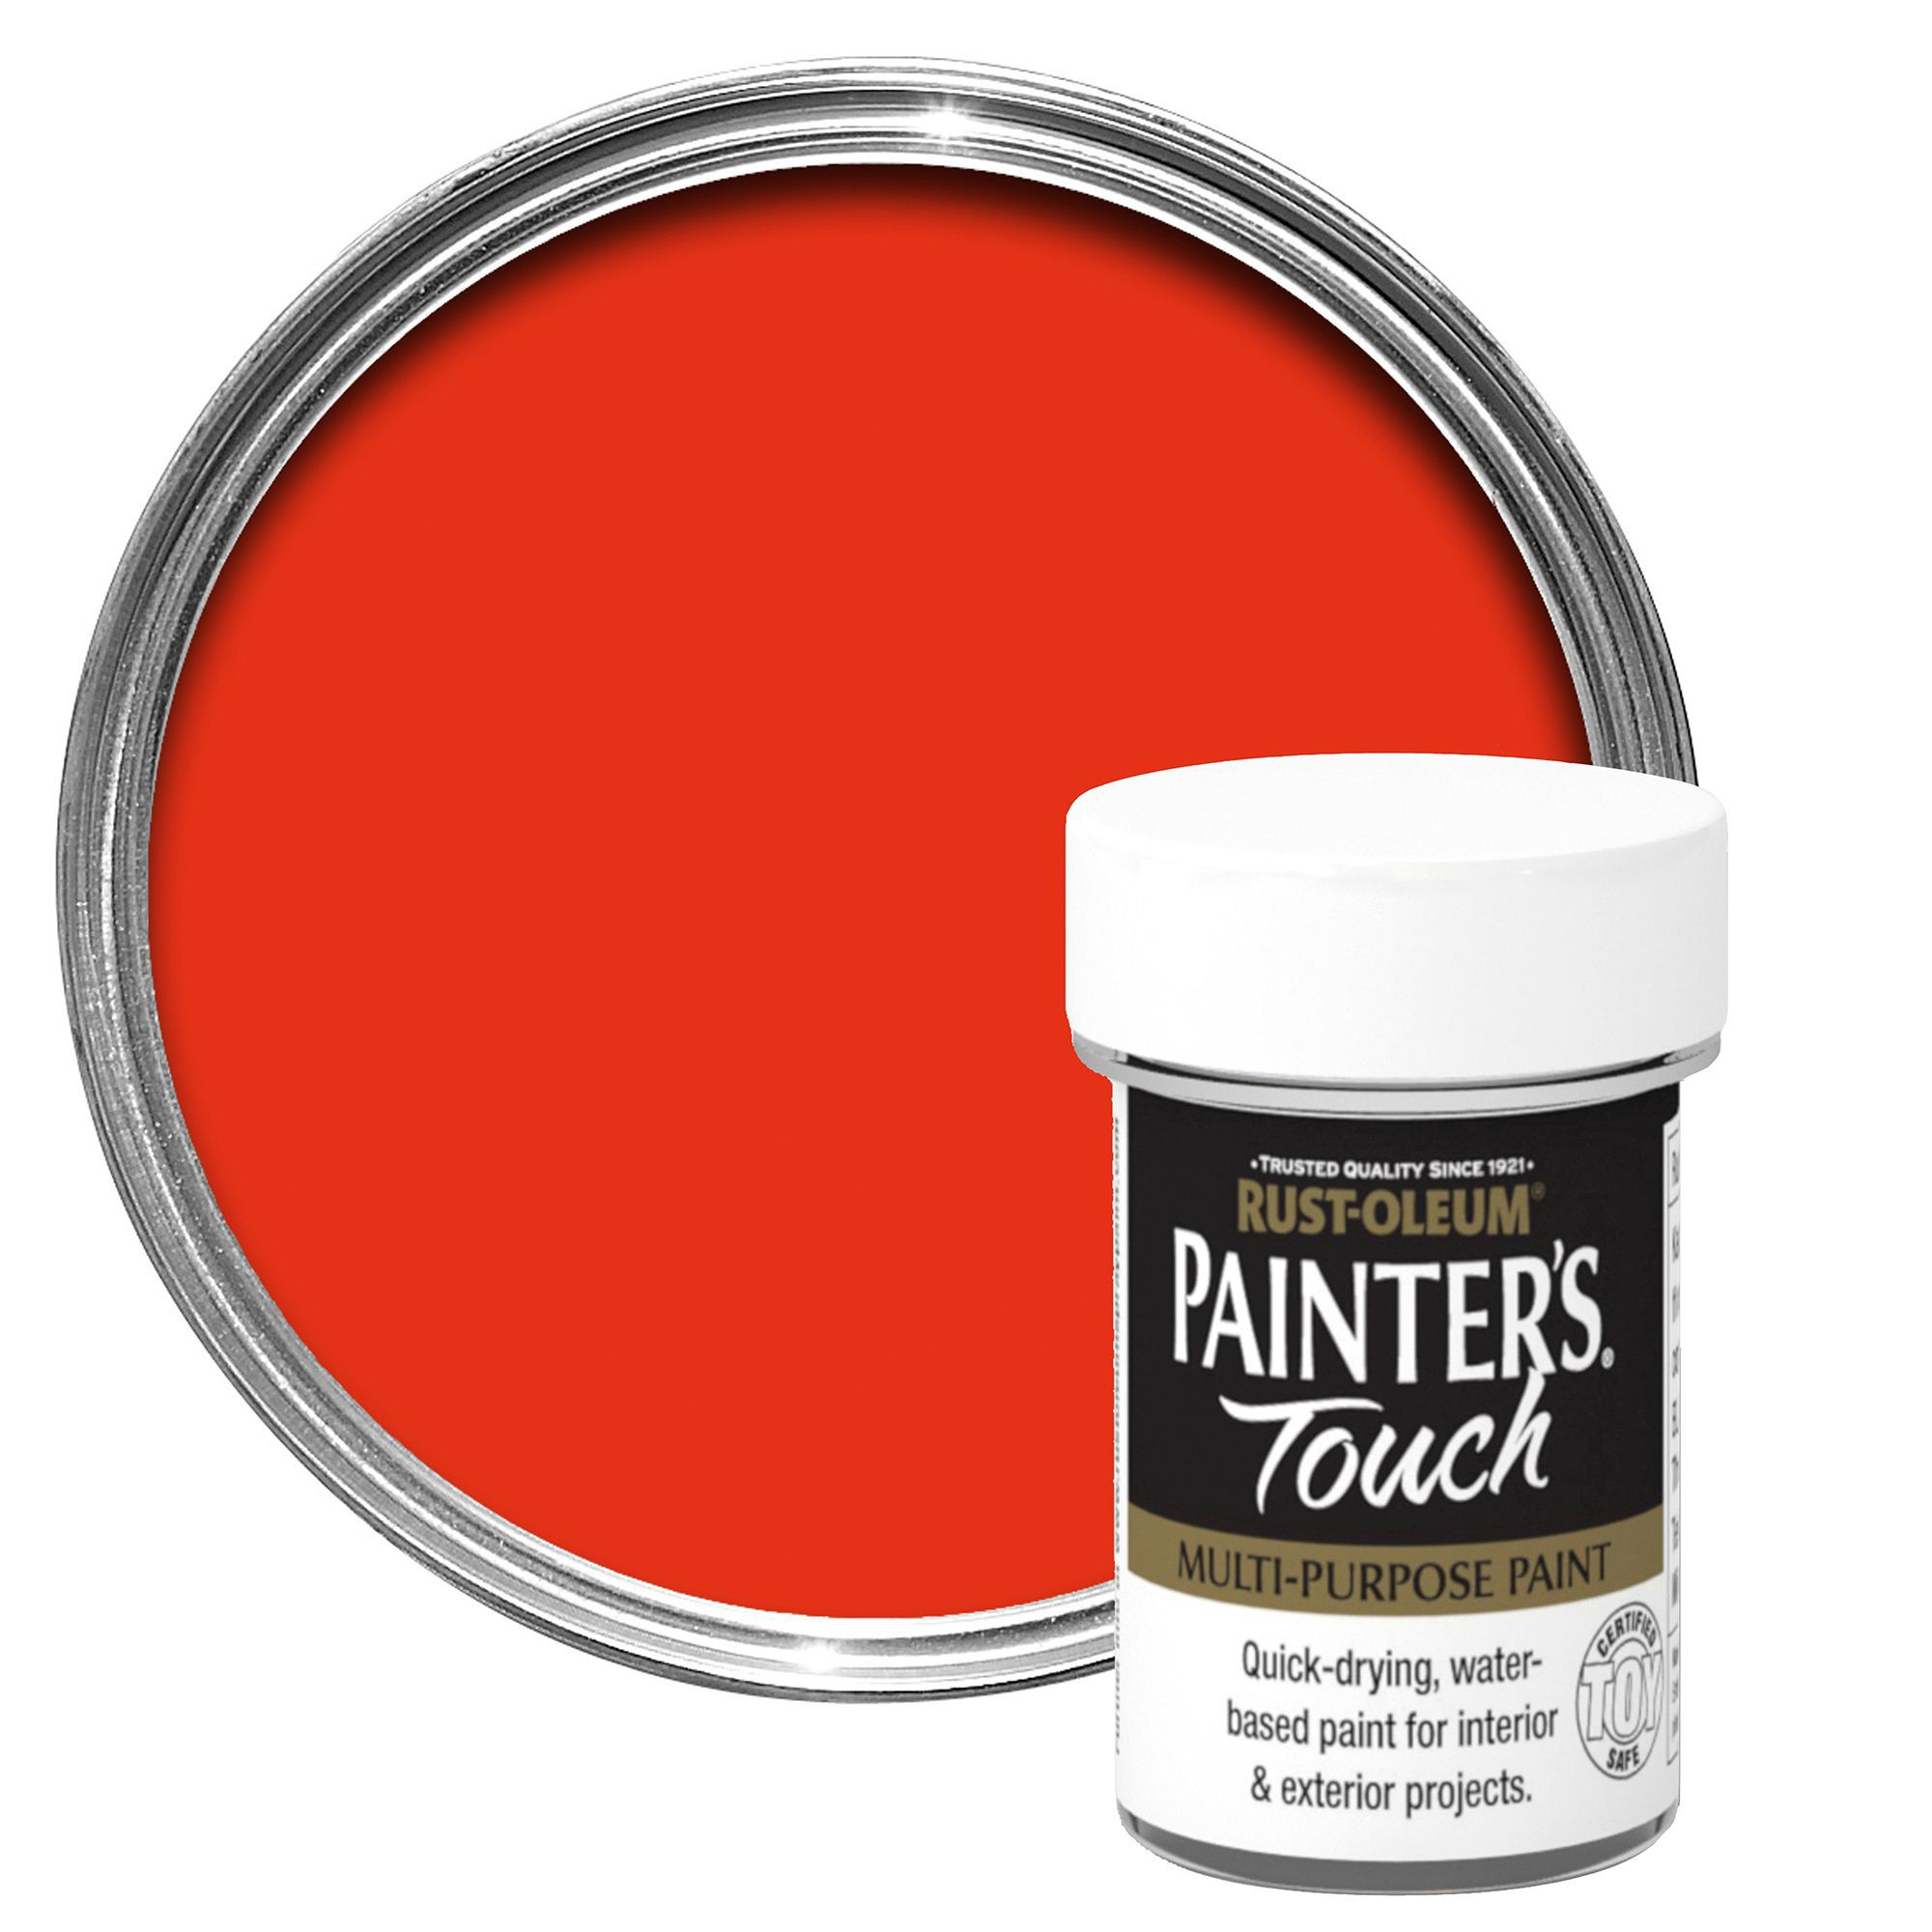 Rust-oleum Painter's Touch Interior & Exterior Bright Orange Gloss Multipurpose Paint 20ml